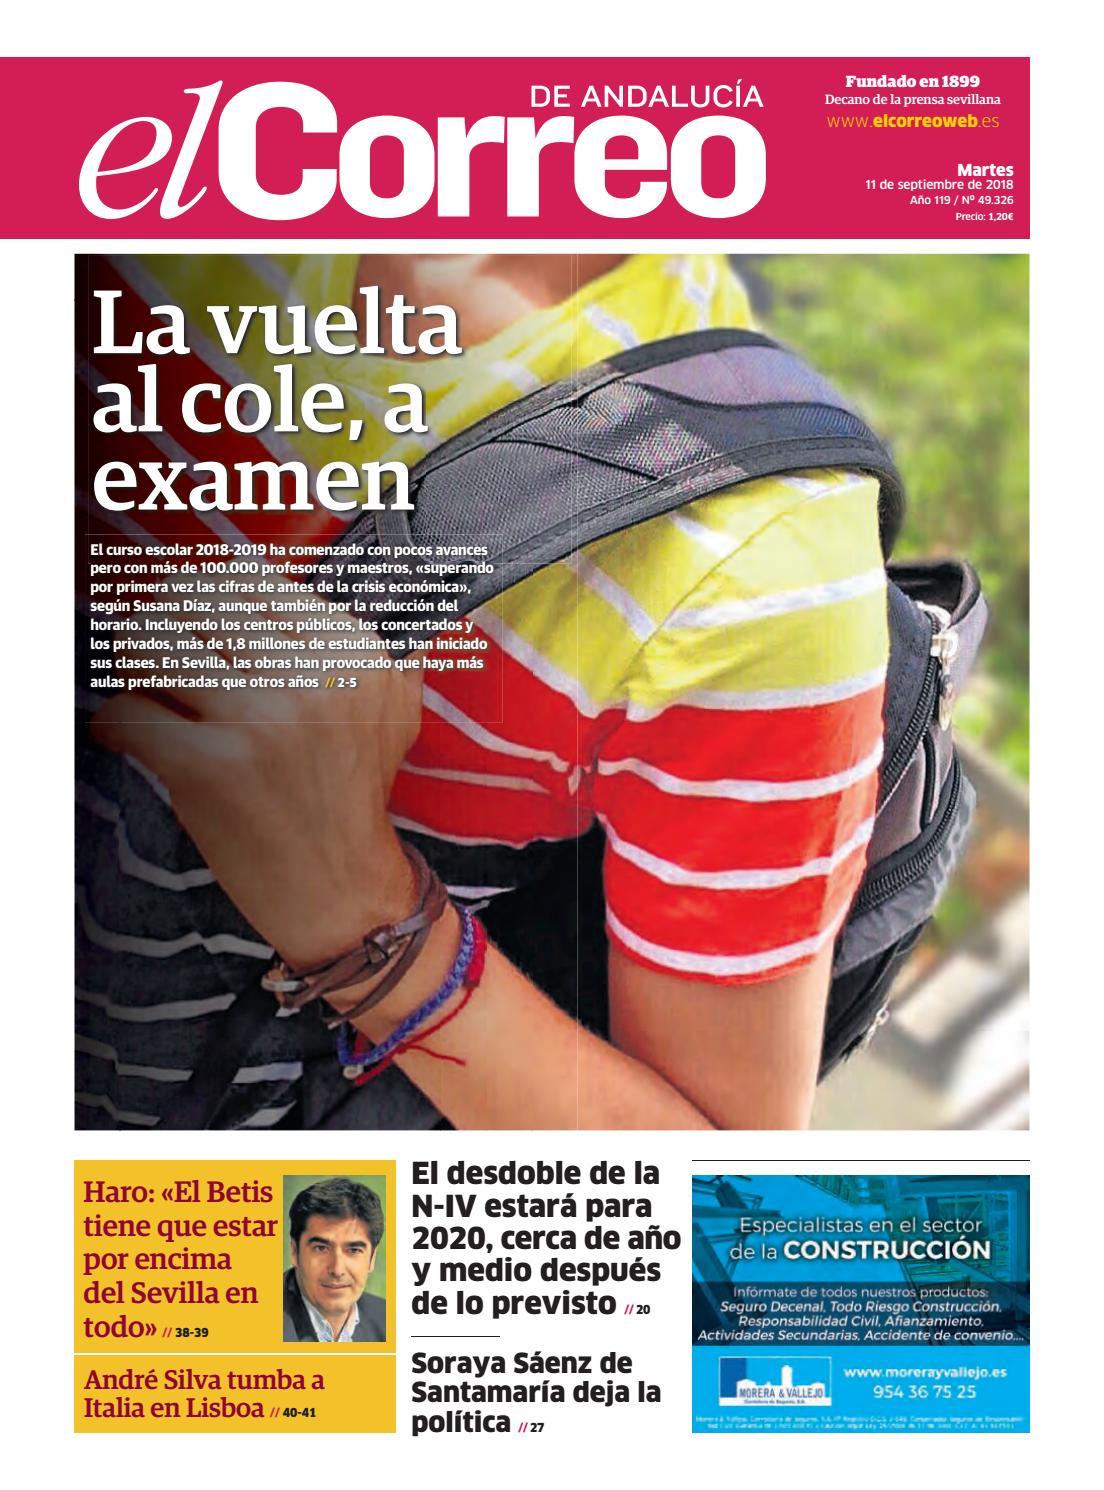 f759ca67c02 11.09.2018 El Correo de Andalucía by EL CORREO DE ANDALUCÍA S.L. - issuu